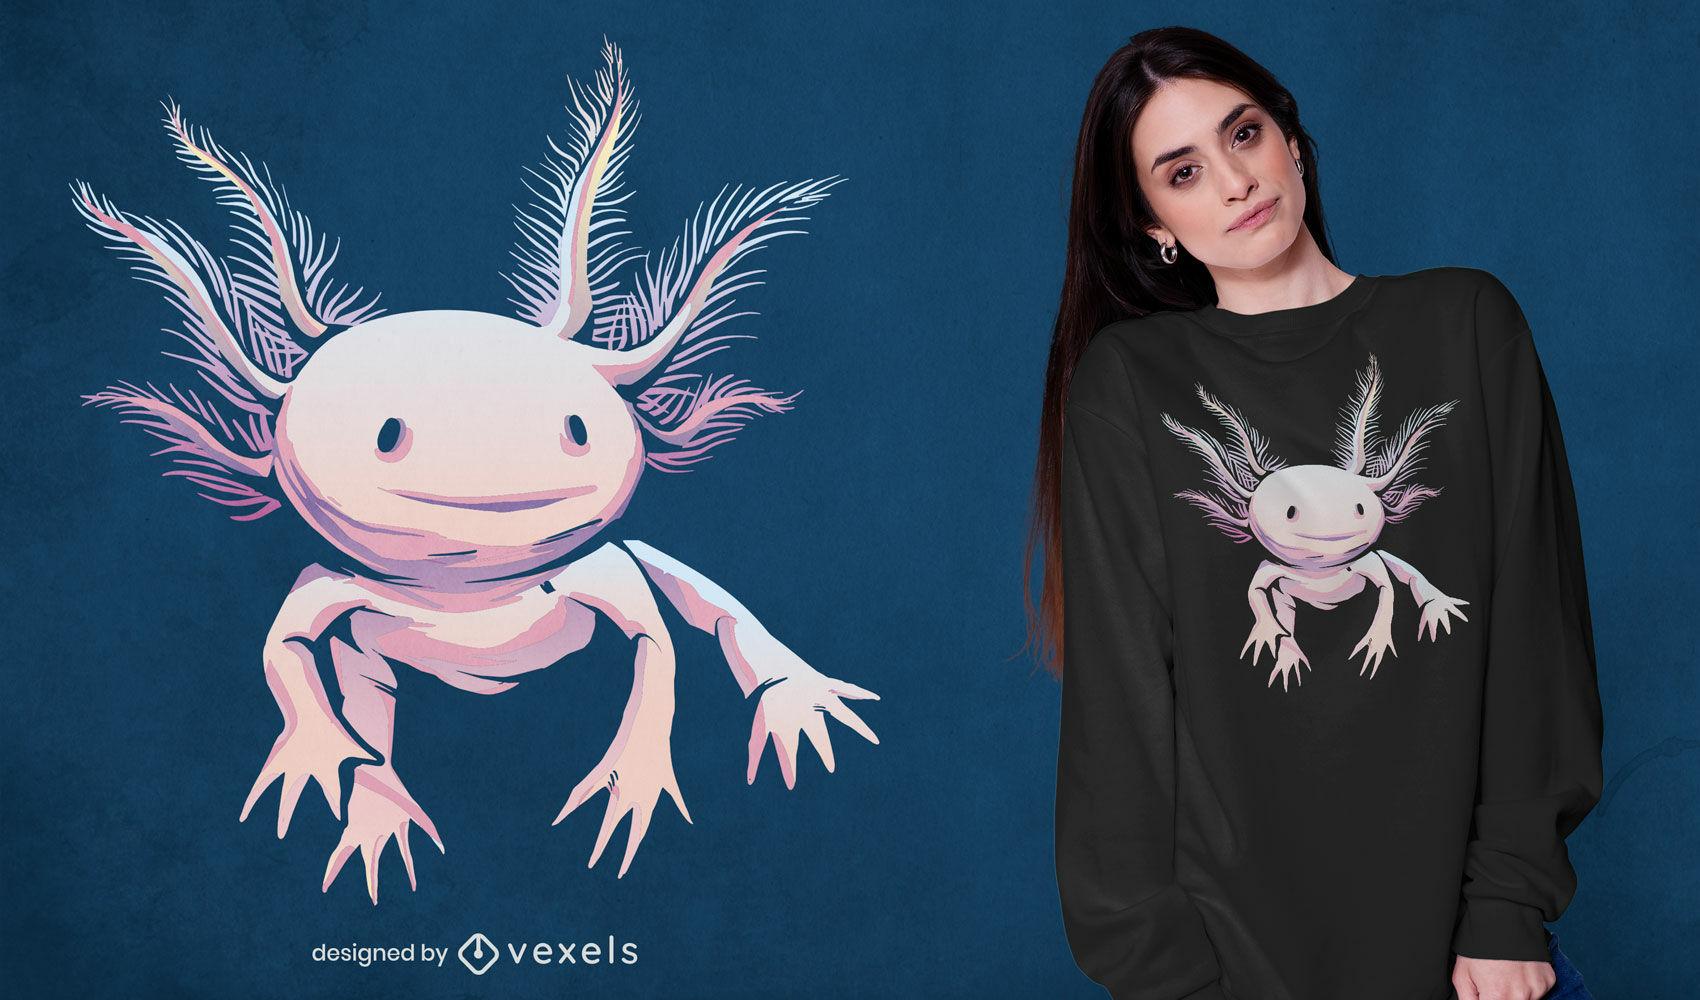 Dise?o de camiseta de animal realista axolotl.